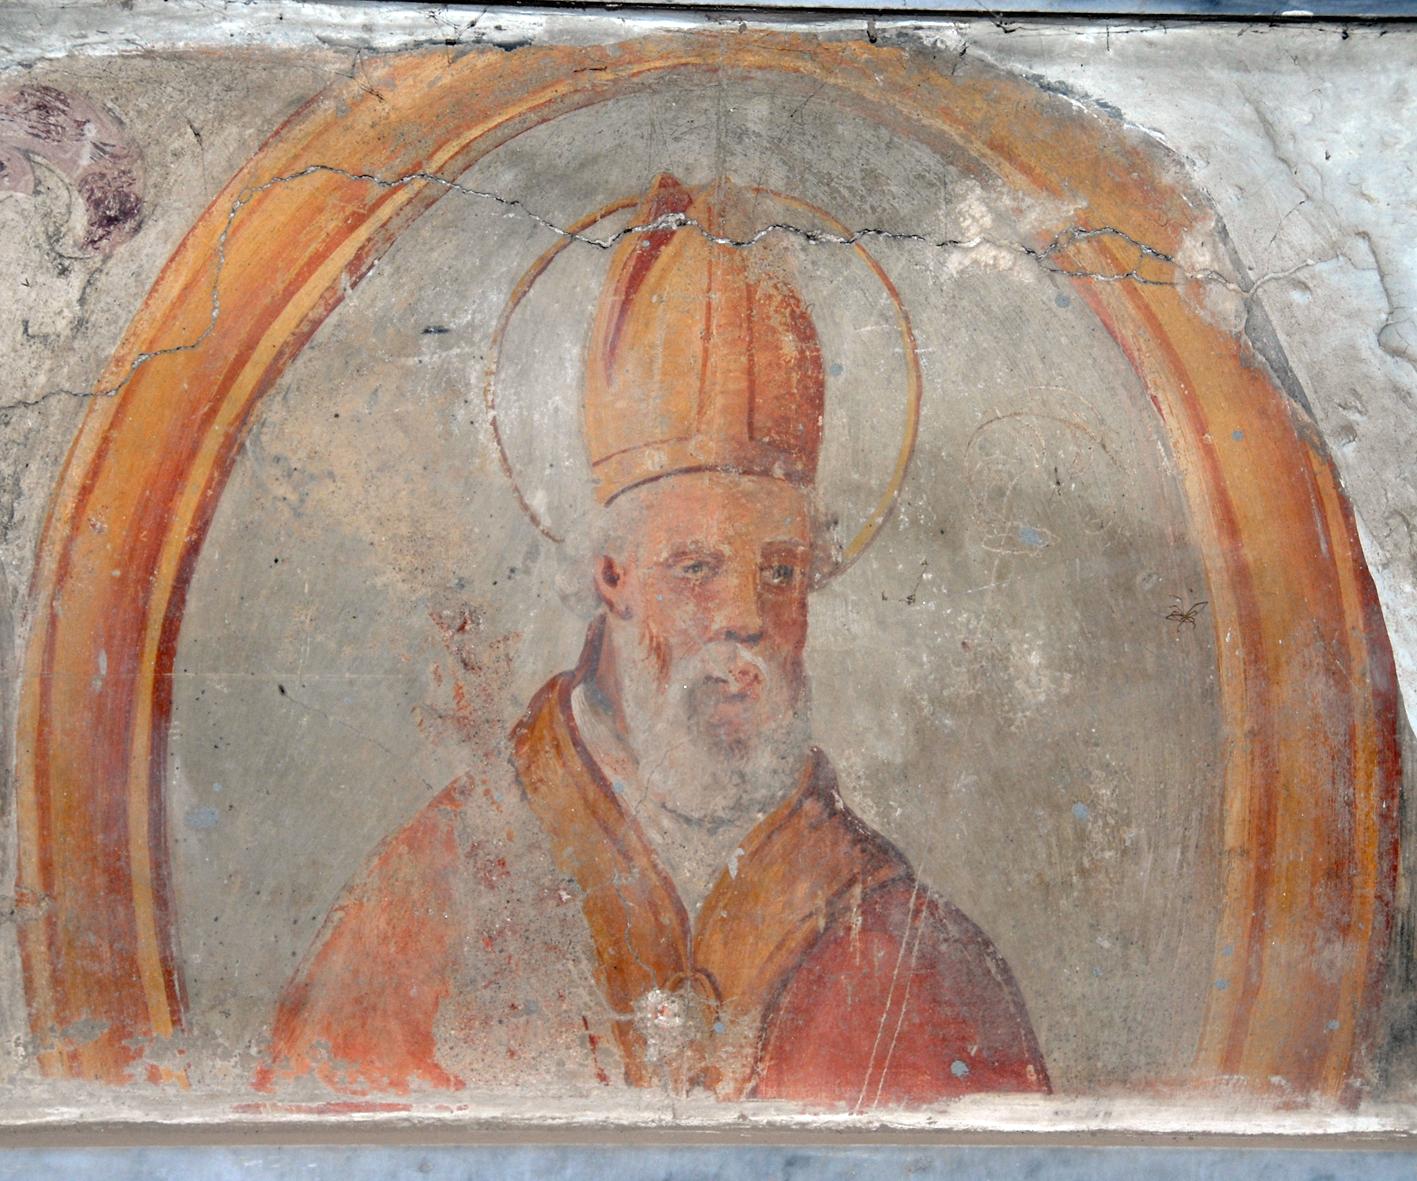 Ferdinand av Aragón, freske fra 1400-tallet i basilikaen San Ferdinando (tidligere Santa Maria di Cubulteria) i Alvignano, et eksempel på syntese mellom langobardisk og bysantinsk stil